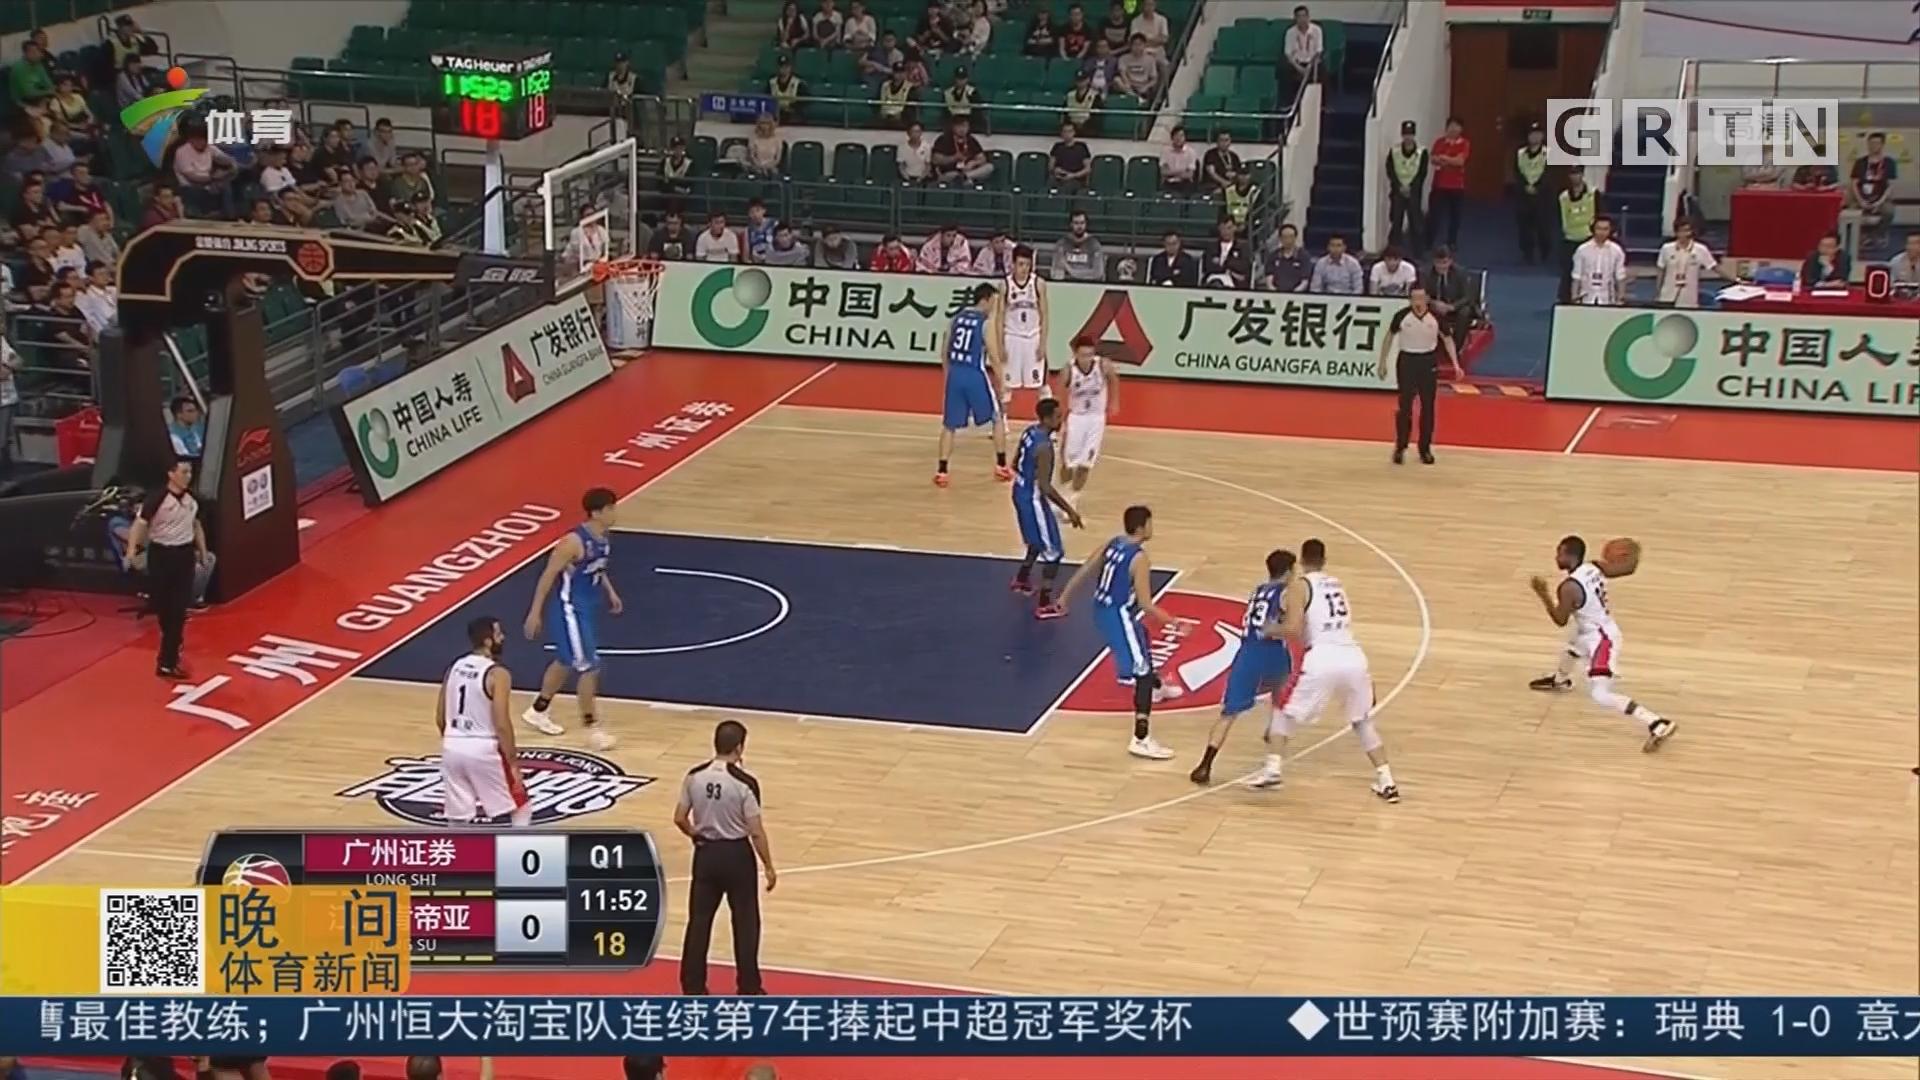 广州加时2分惜败江苏 止步两连胜